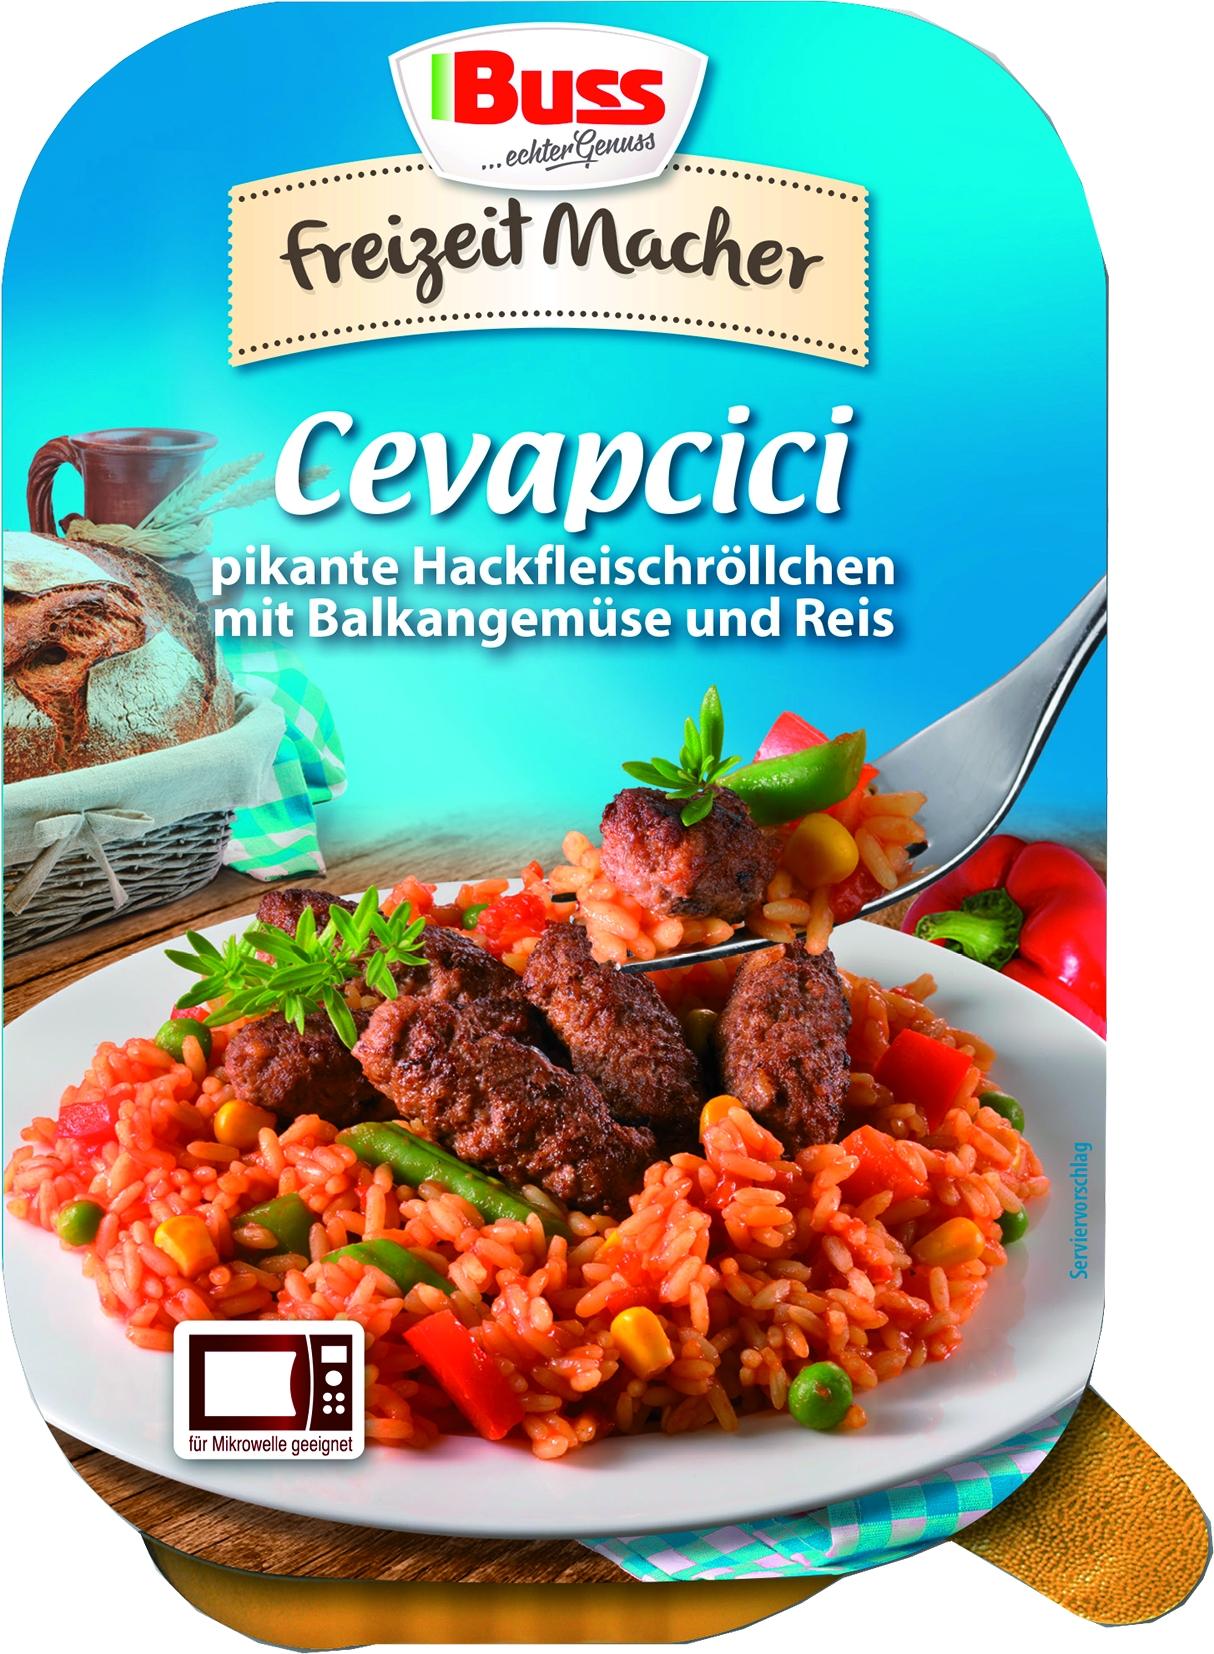 Cevapcici mit Balkangemuese und Reis